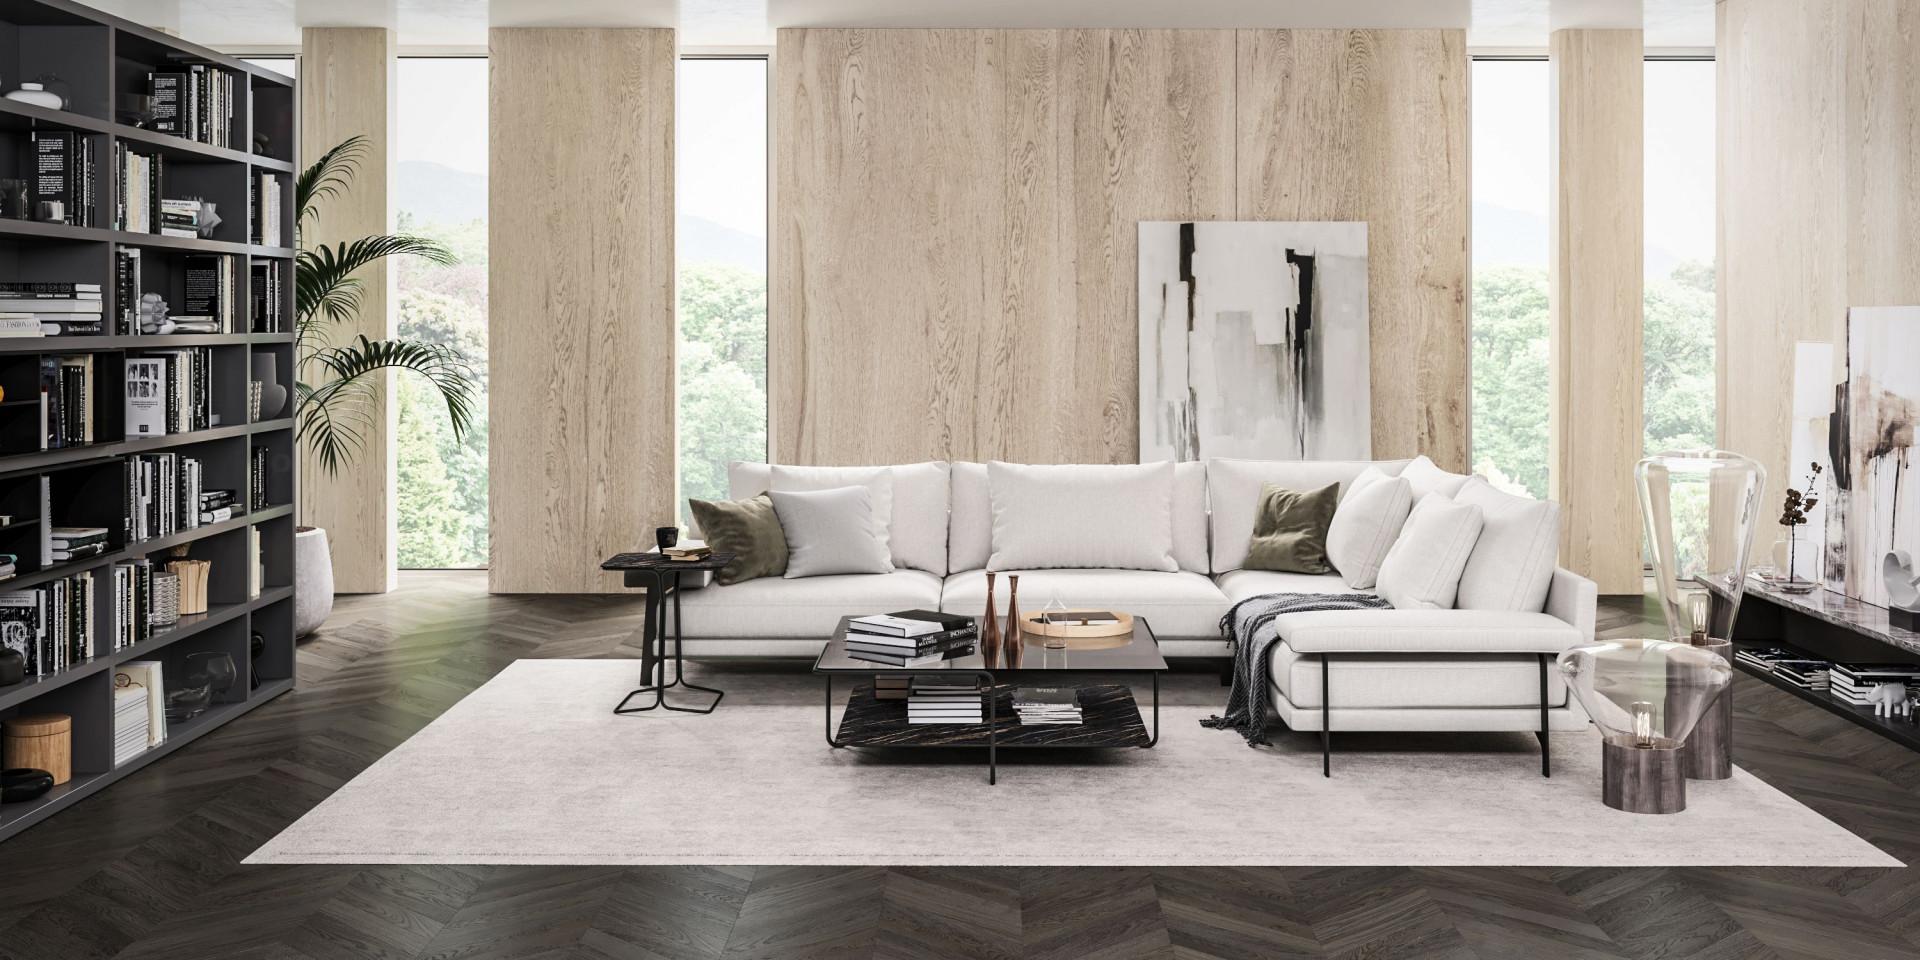 Sofa Onyx z oferty firmy Olta. Fot. Olta